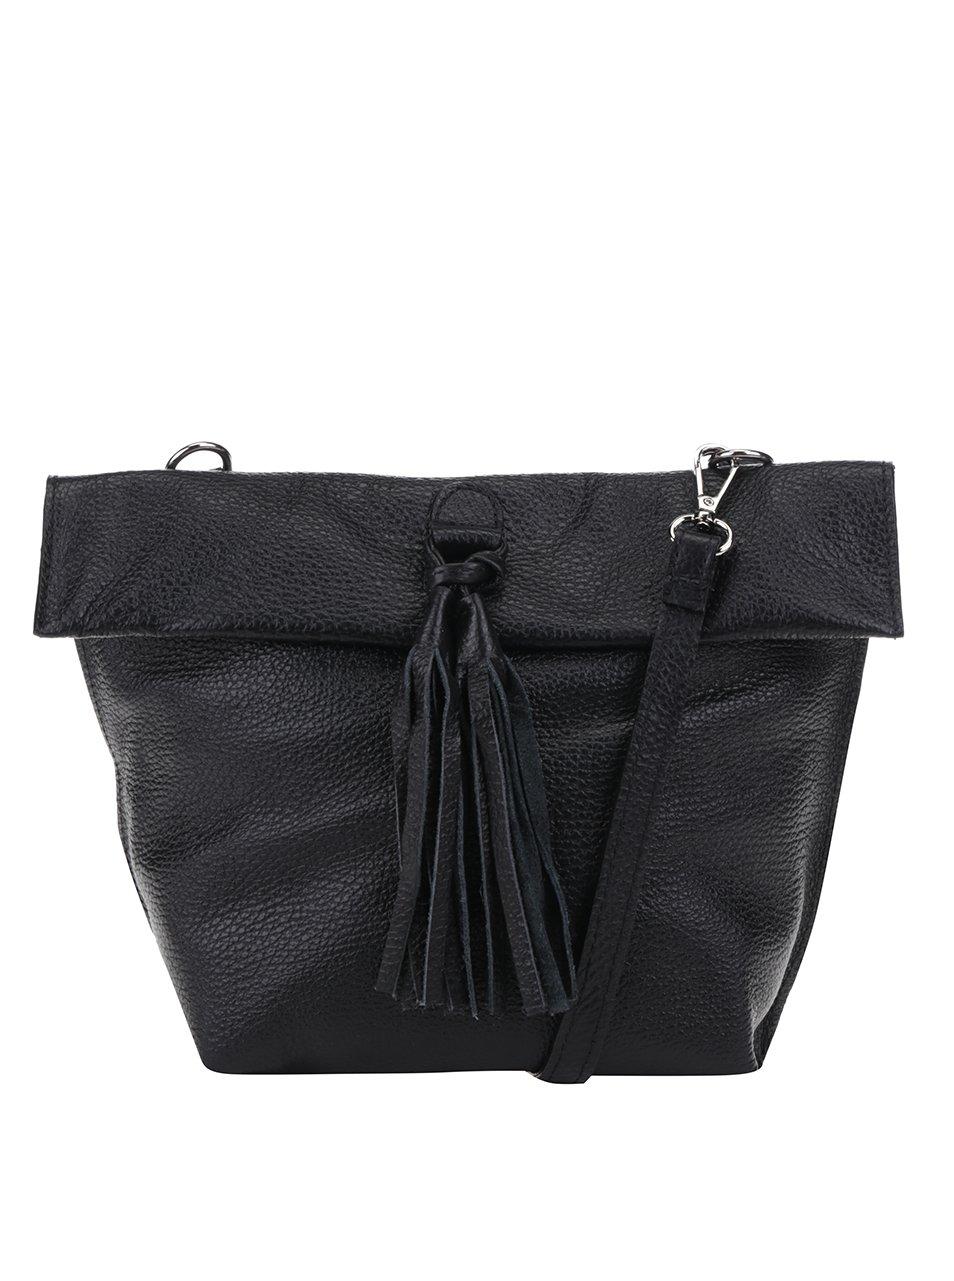 Černá kožená crossbody kabelka s třásní ZOOT